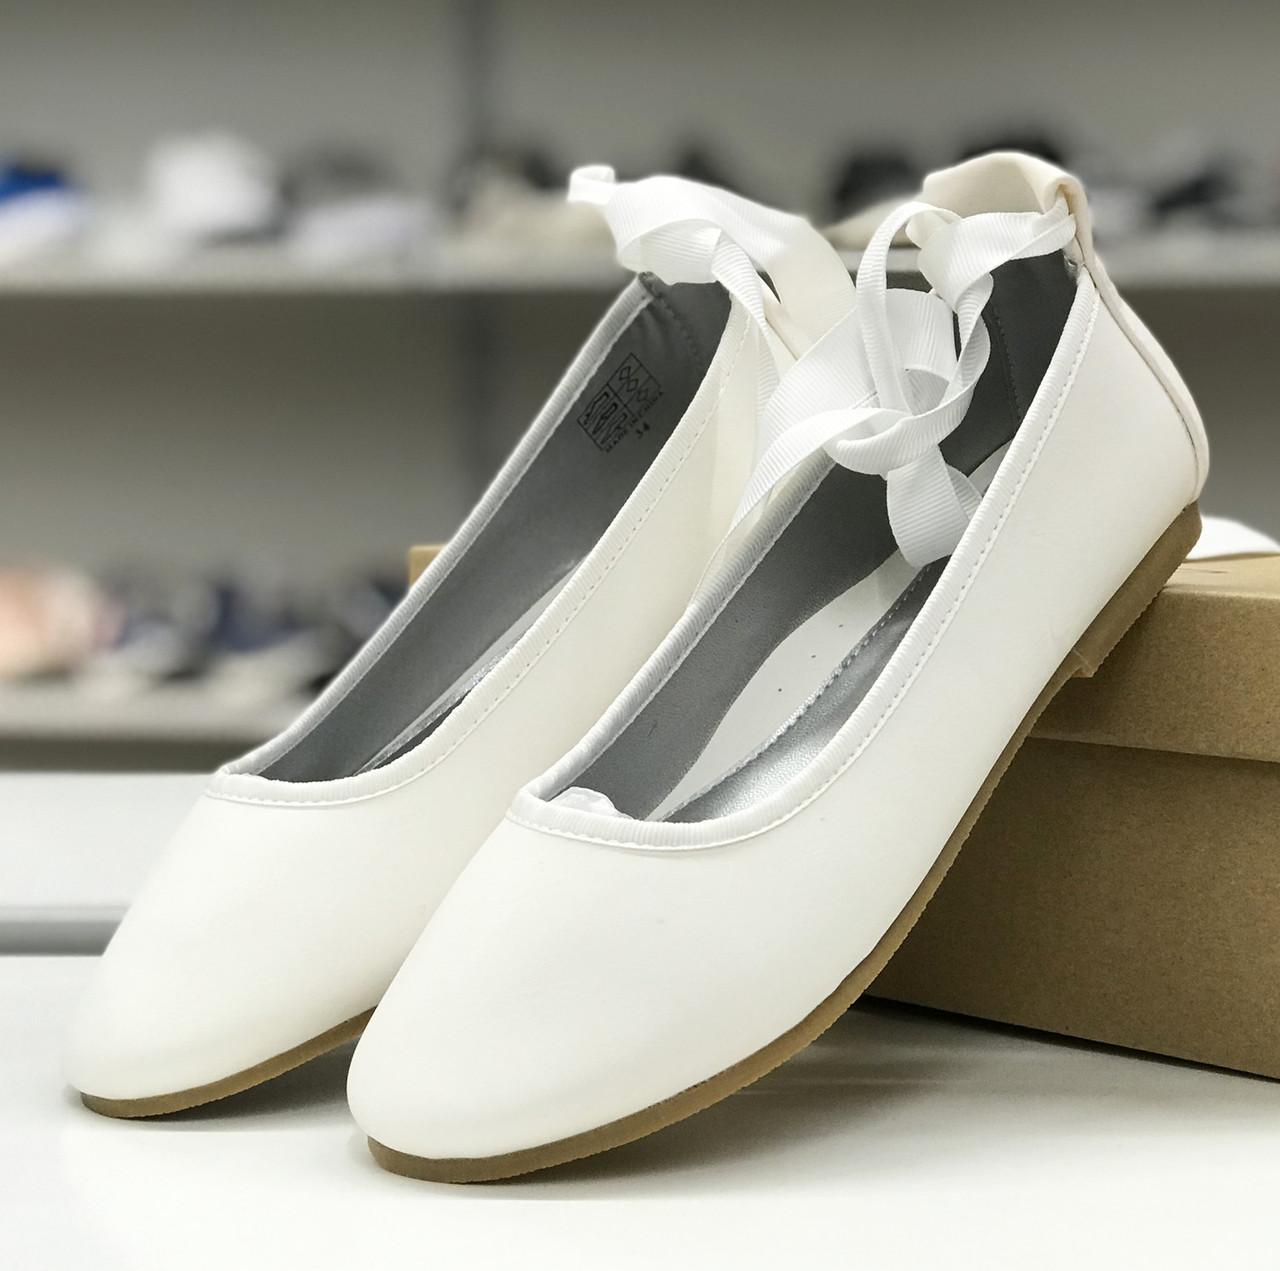 4f8056e05 Туфли для девочки Friboo р 29. Брендовая обувь. Ортопедические туфельки.  Оригинал. Интернет